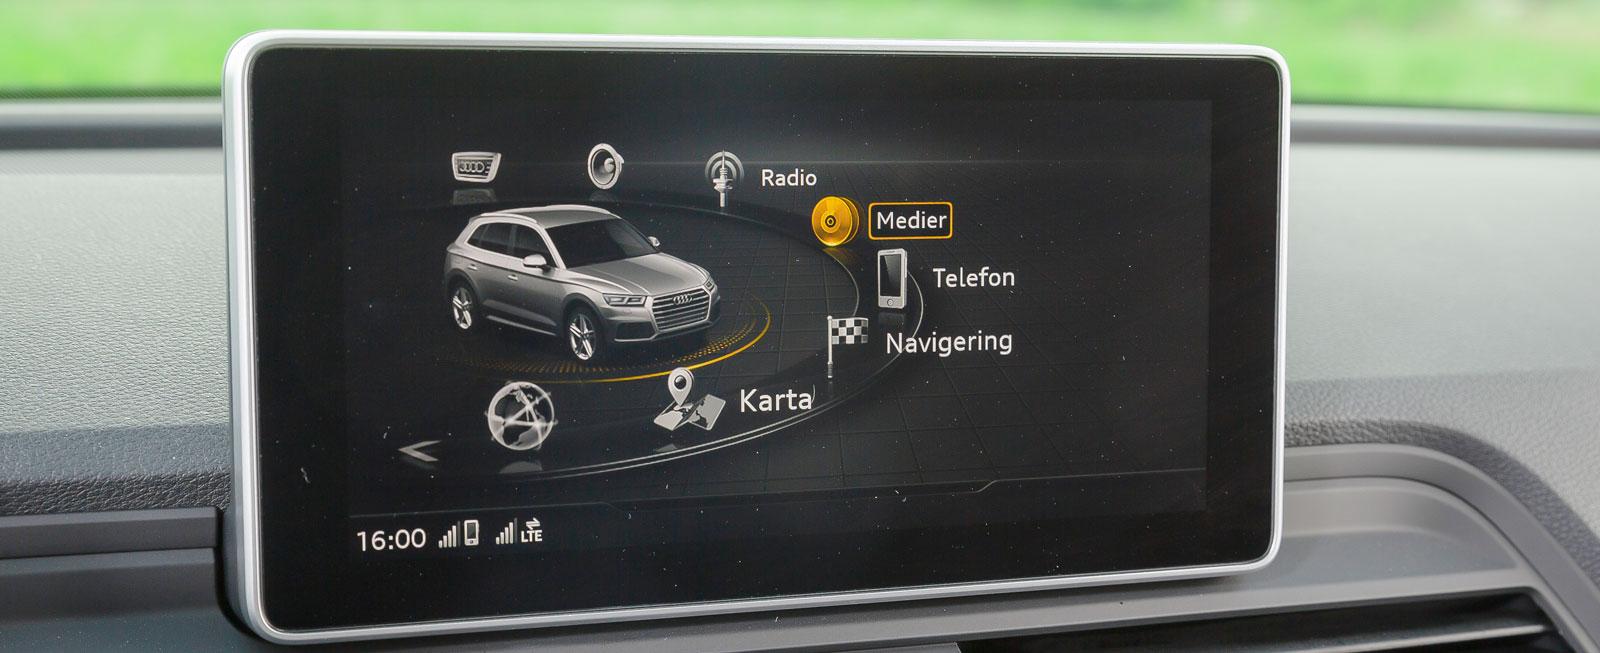 Audis multimediasystem rymmer mängder av funktioner. Krispig grafik och enkelt handhavande, både från vred/fingerplatta och knappar på ratten.